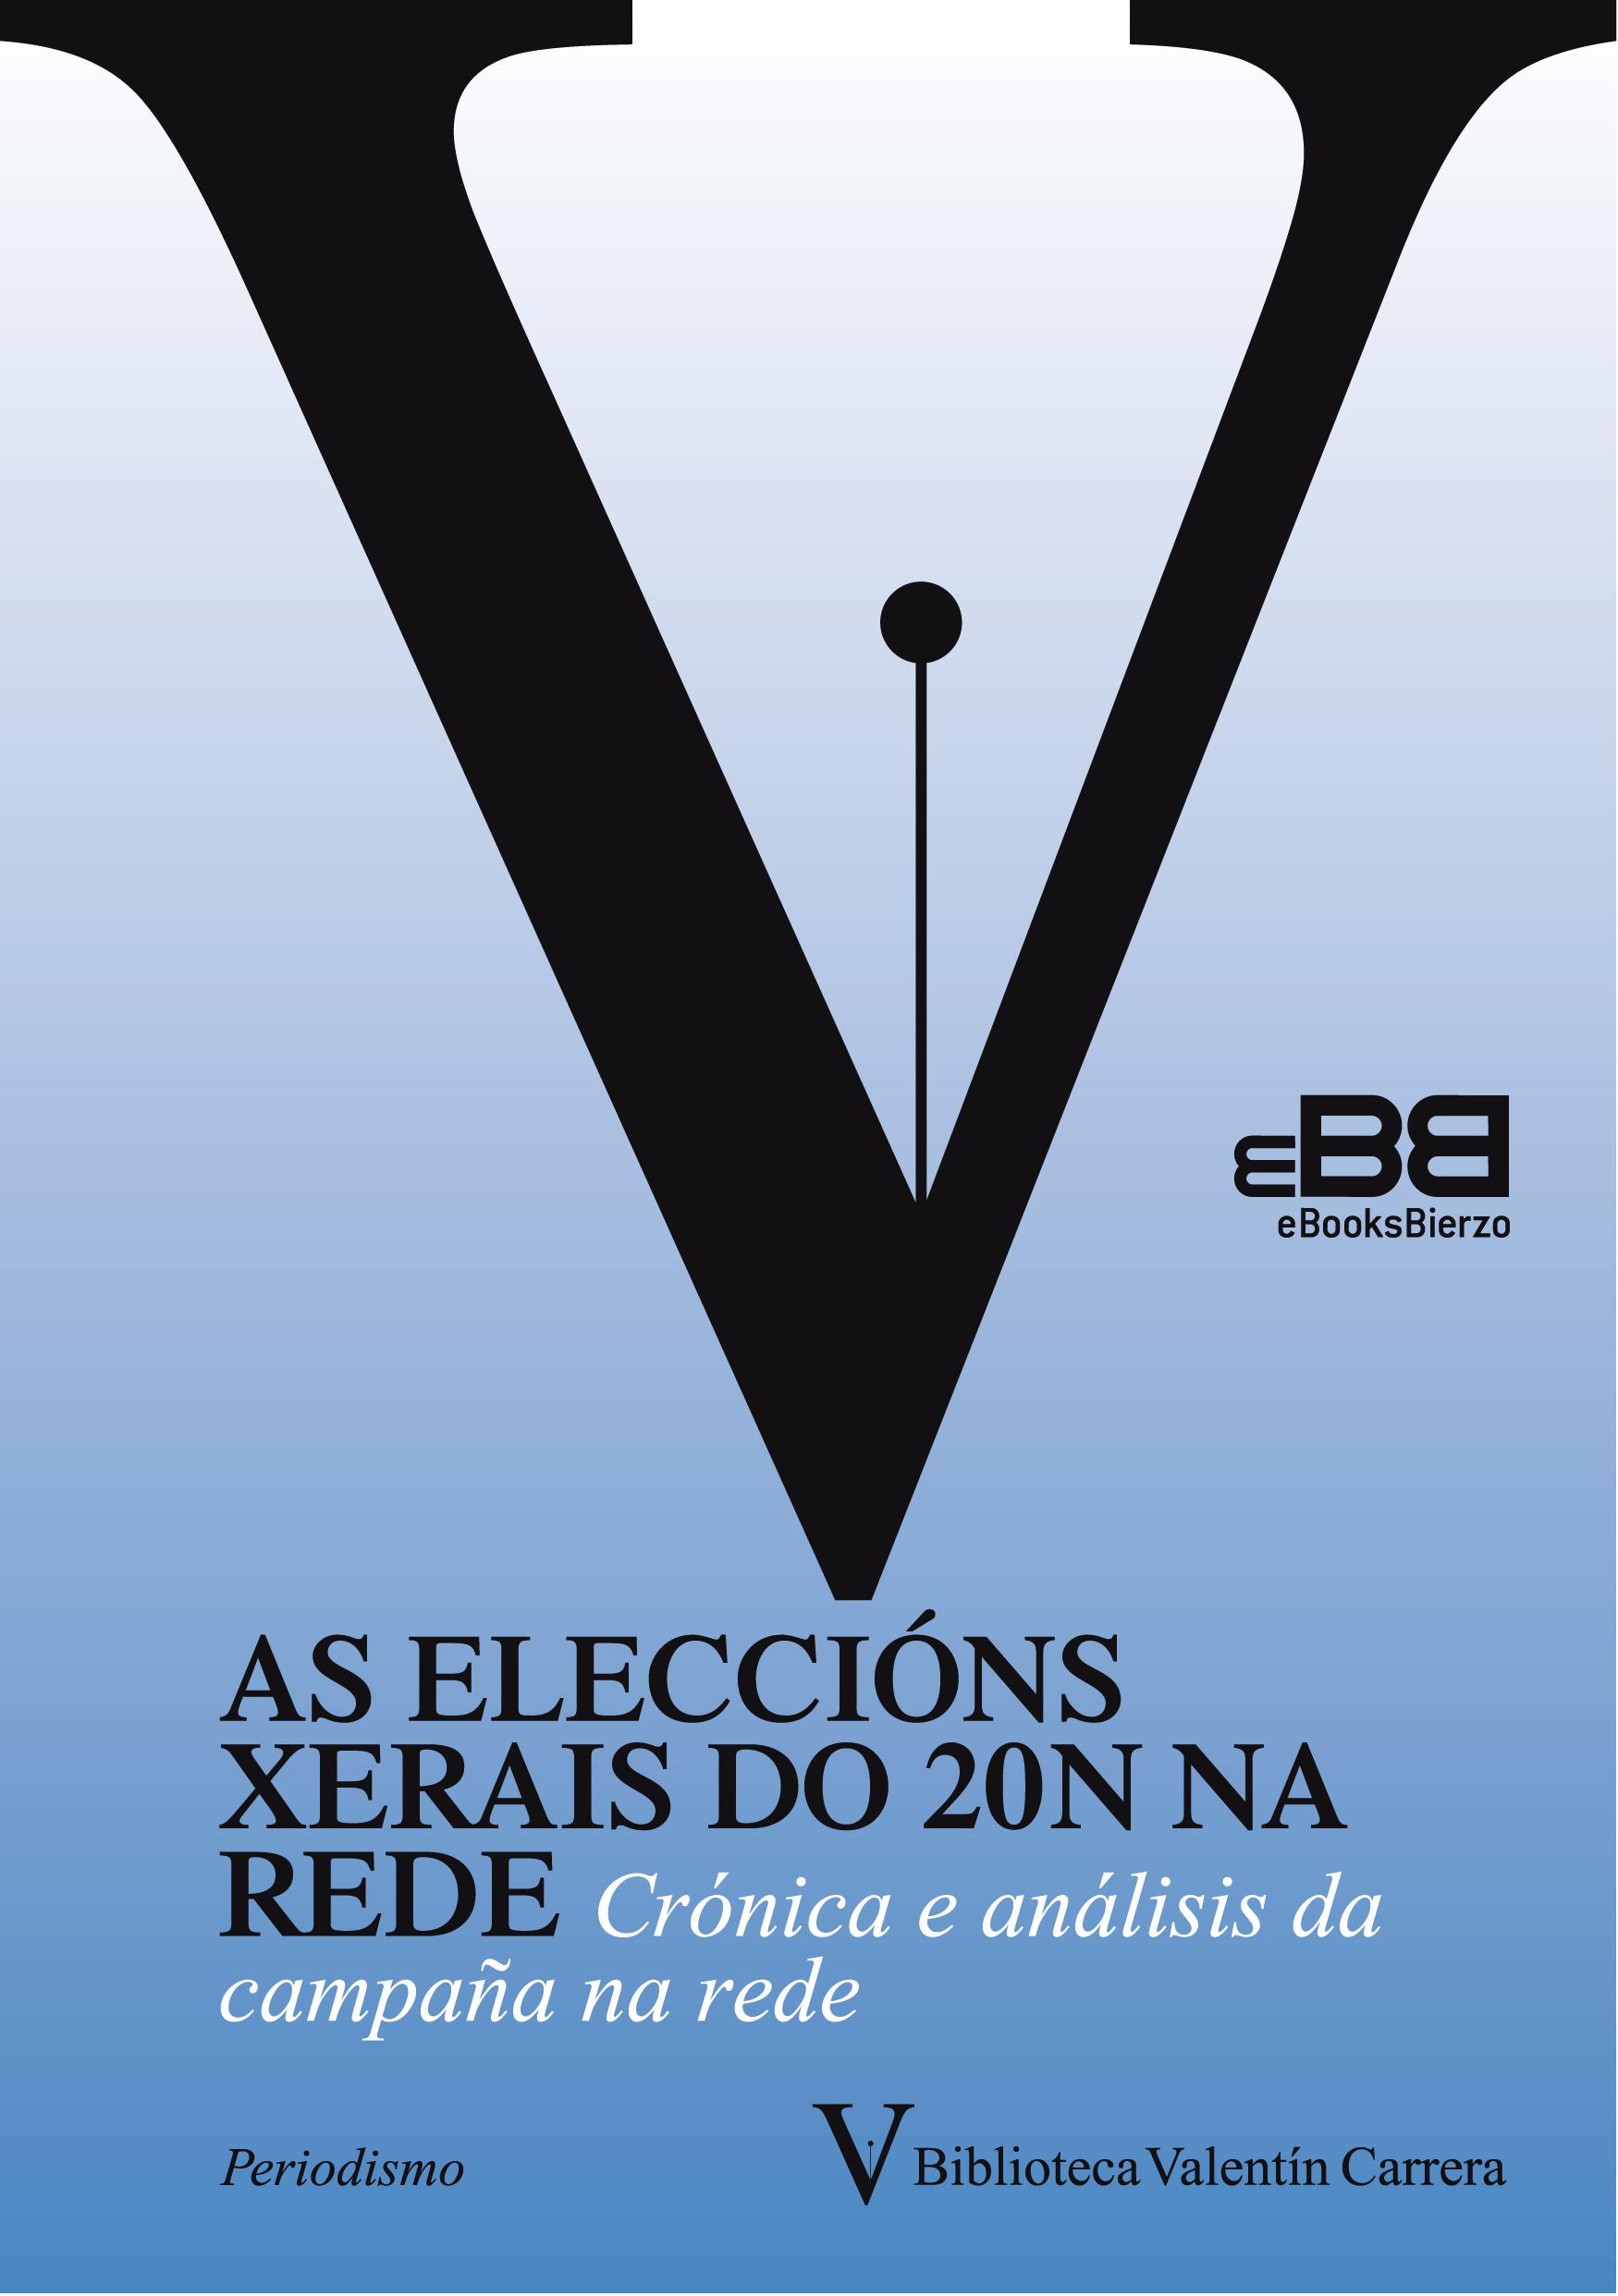 As eleccións xerais do 20N na rede